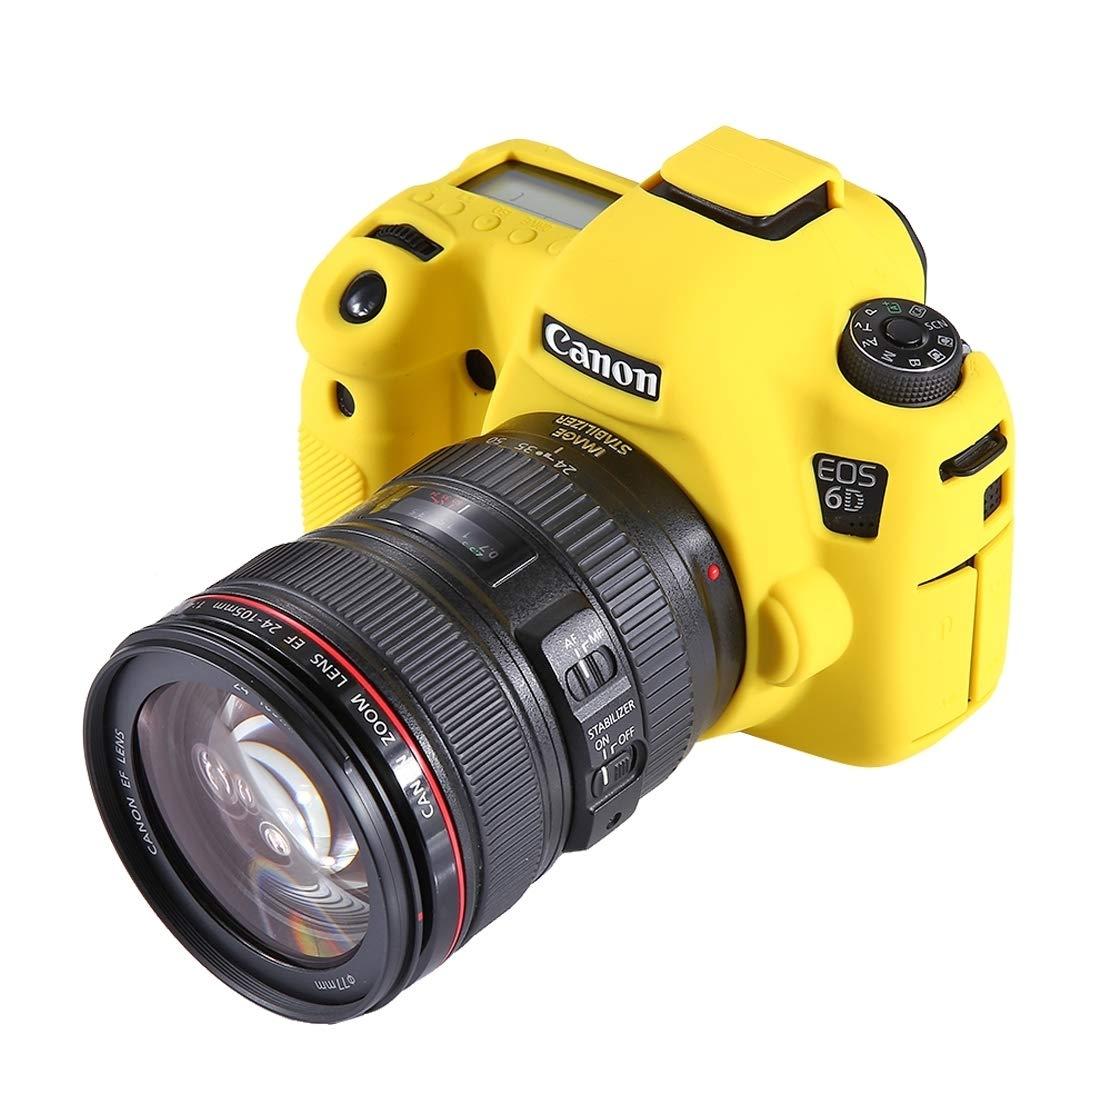 ShenBiadolr カメラレンズケース PULUZ ソフトシリコン保護ケース Canon EOS 6D用 (サイズ : Pu7101y) B07L1HRRQ6